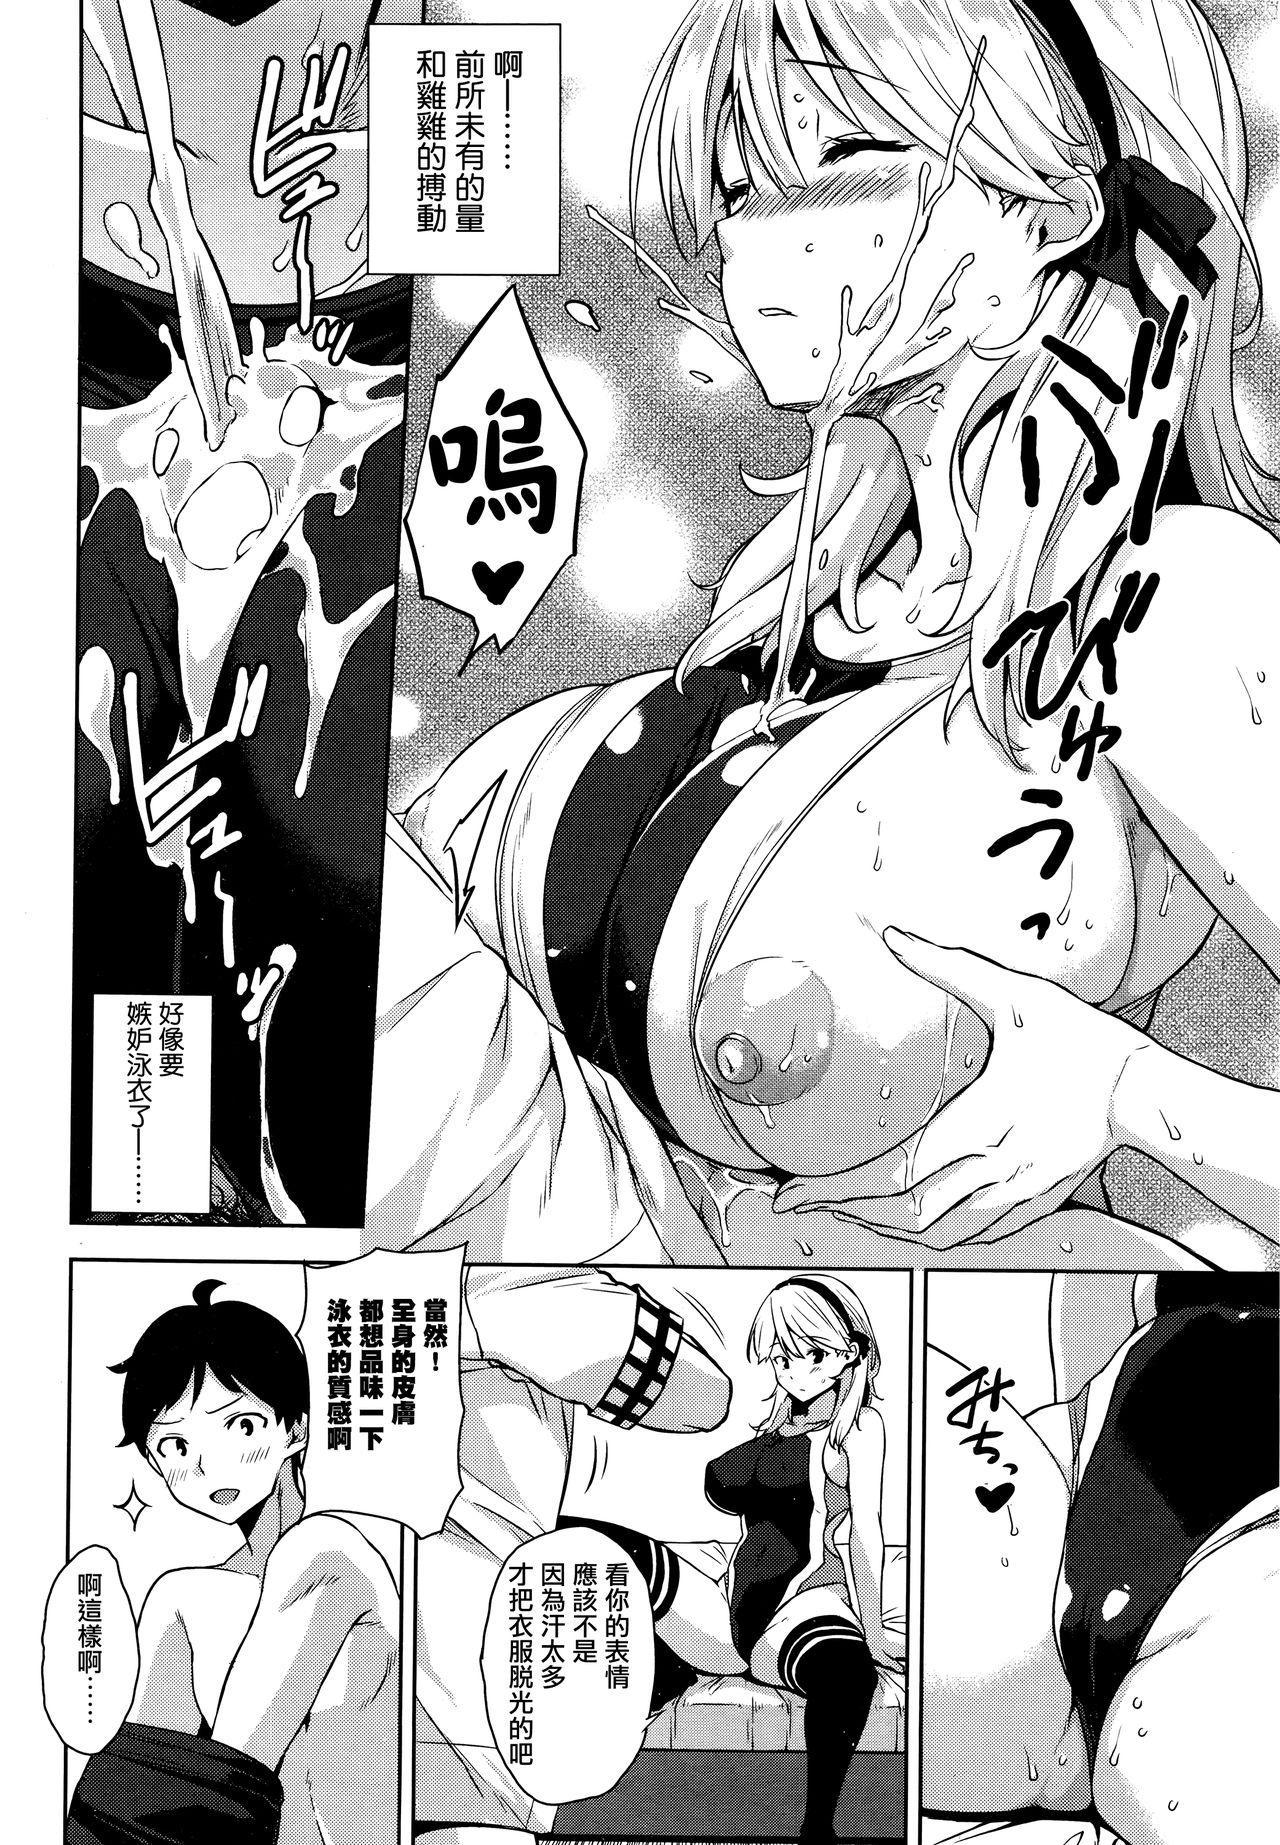 Mizugi no Maryoku 9